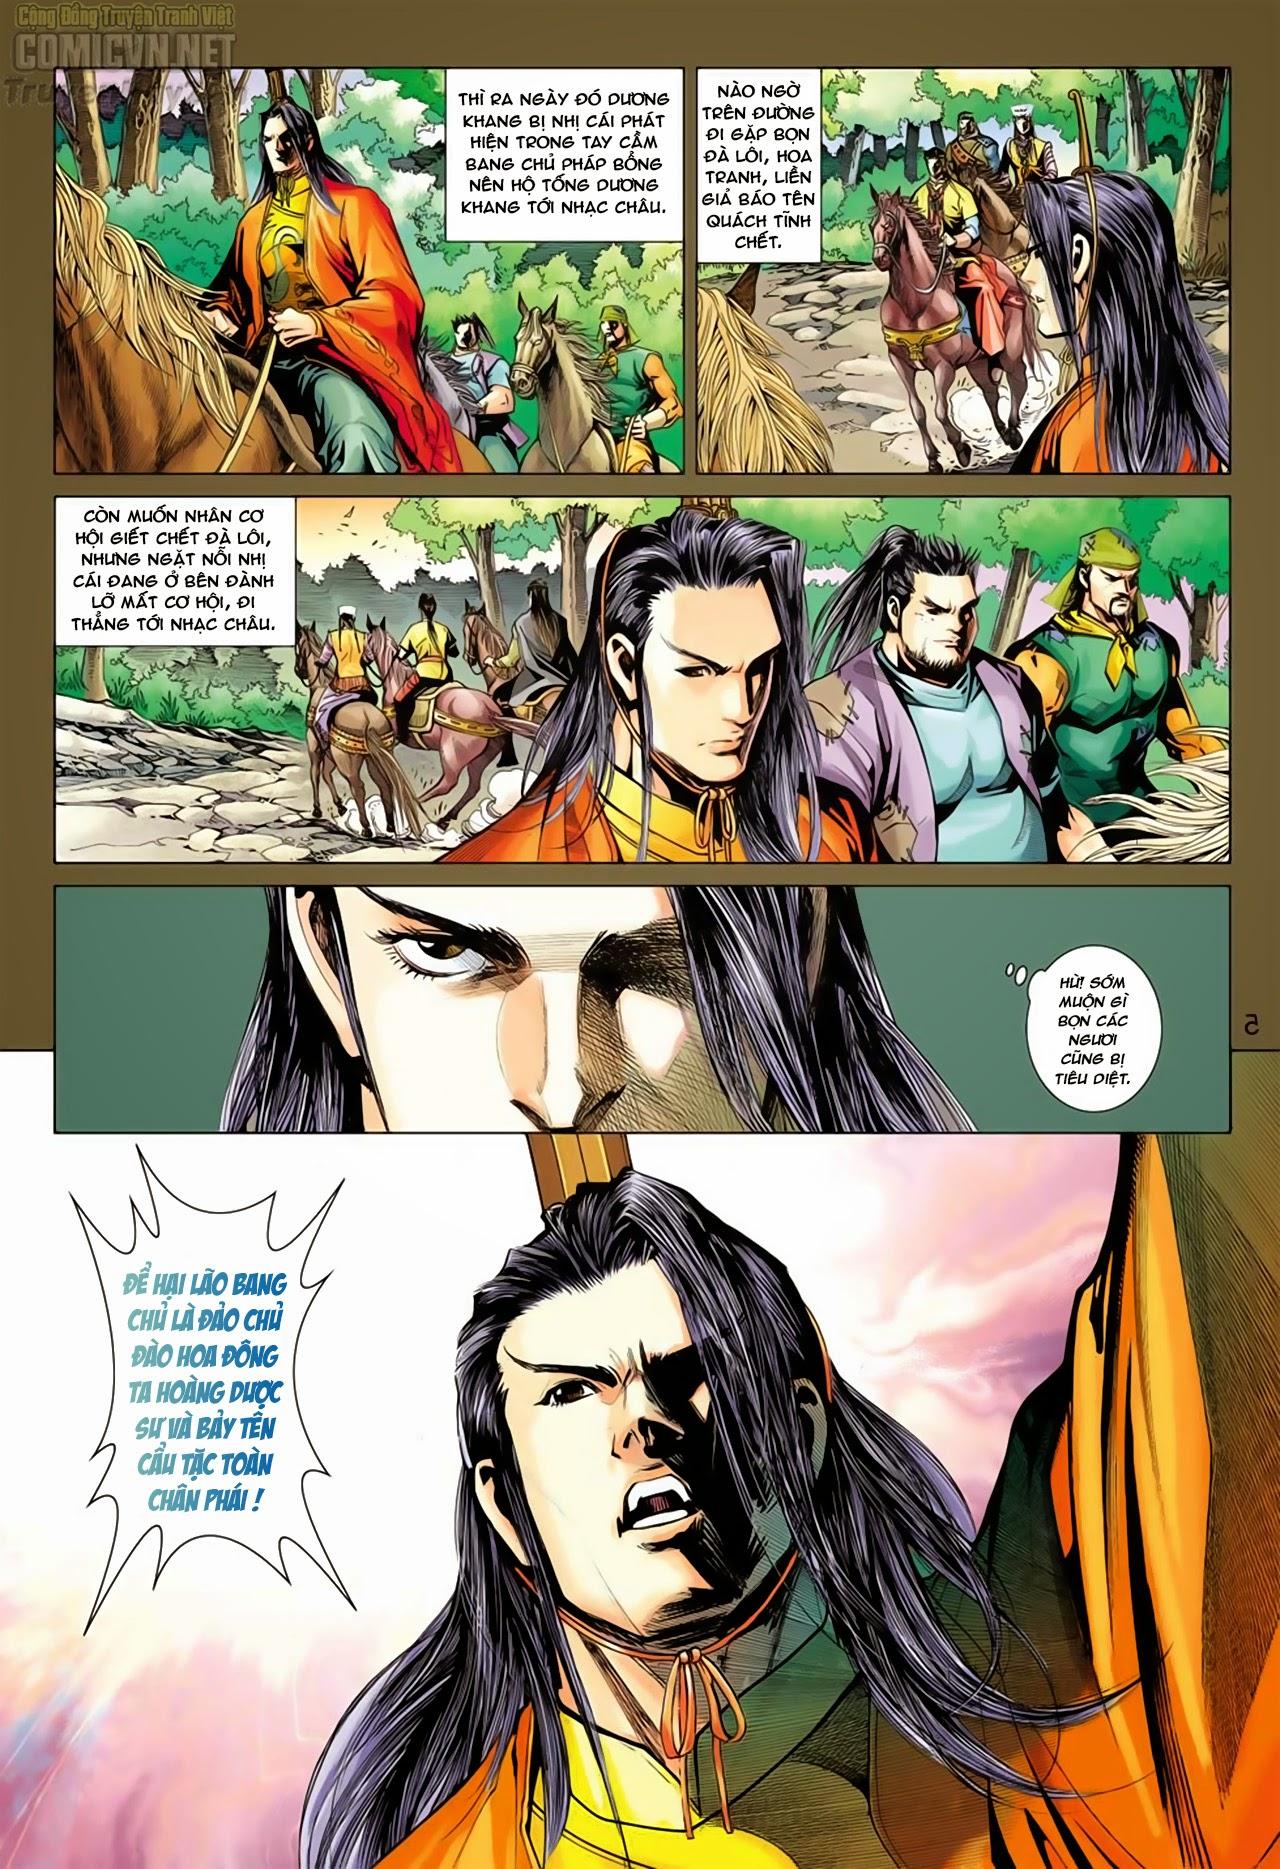 Anh Hùng Xạ Điêu anh hùng xạ đêu chap 66: nhạc châu đại hội trang 6